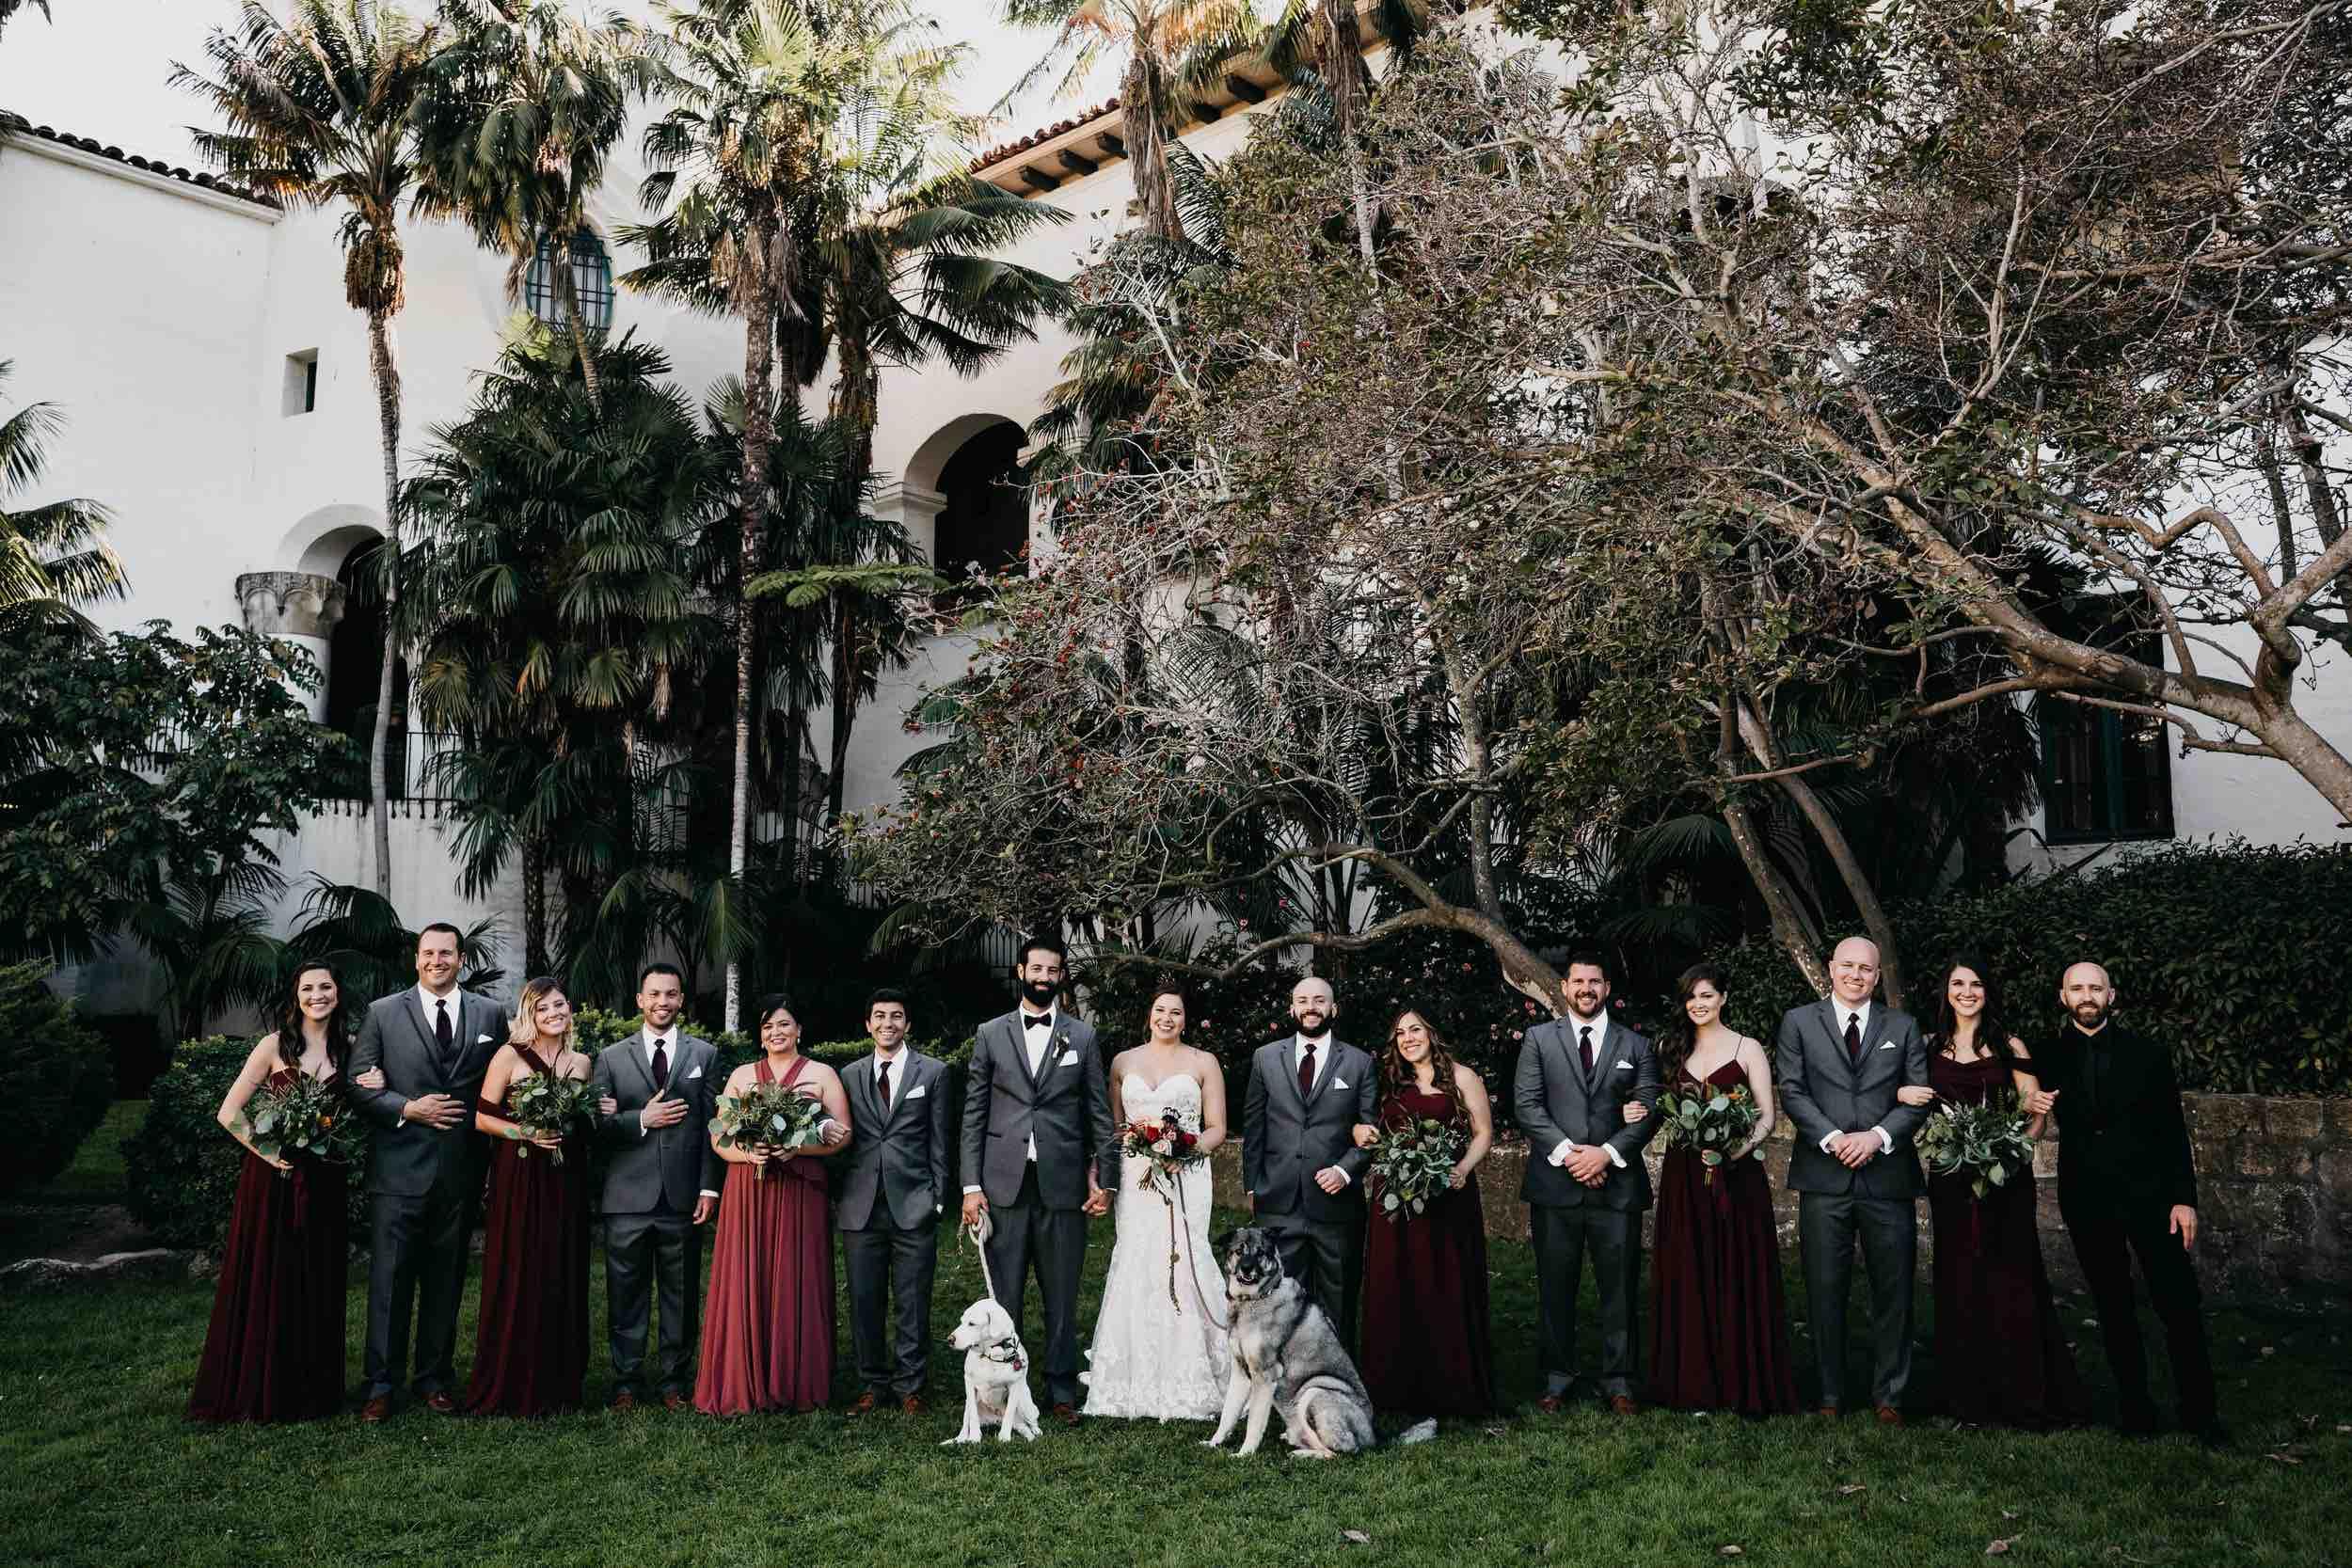 LaurenandSam_WeddingParty8.jpeg